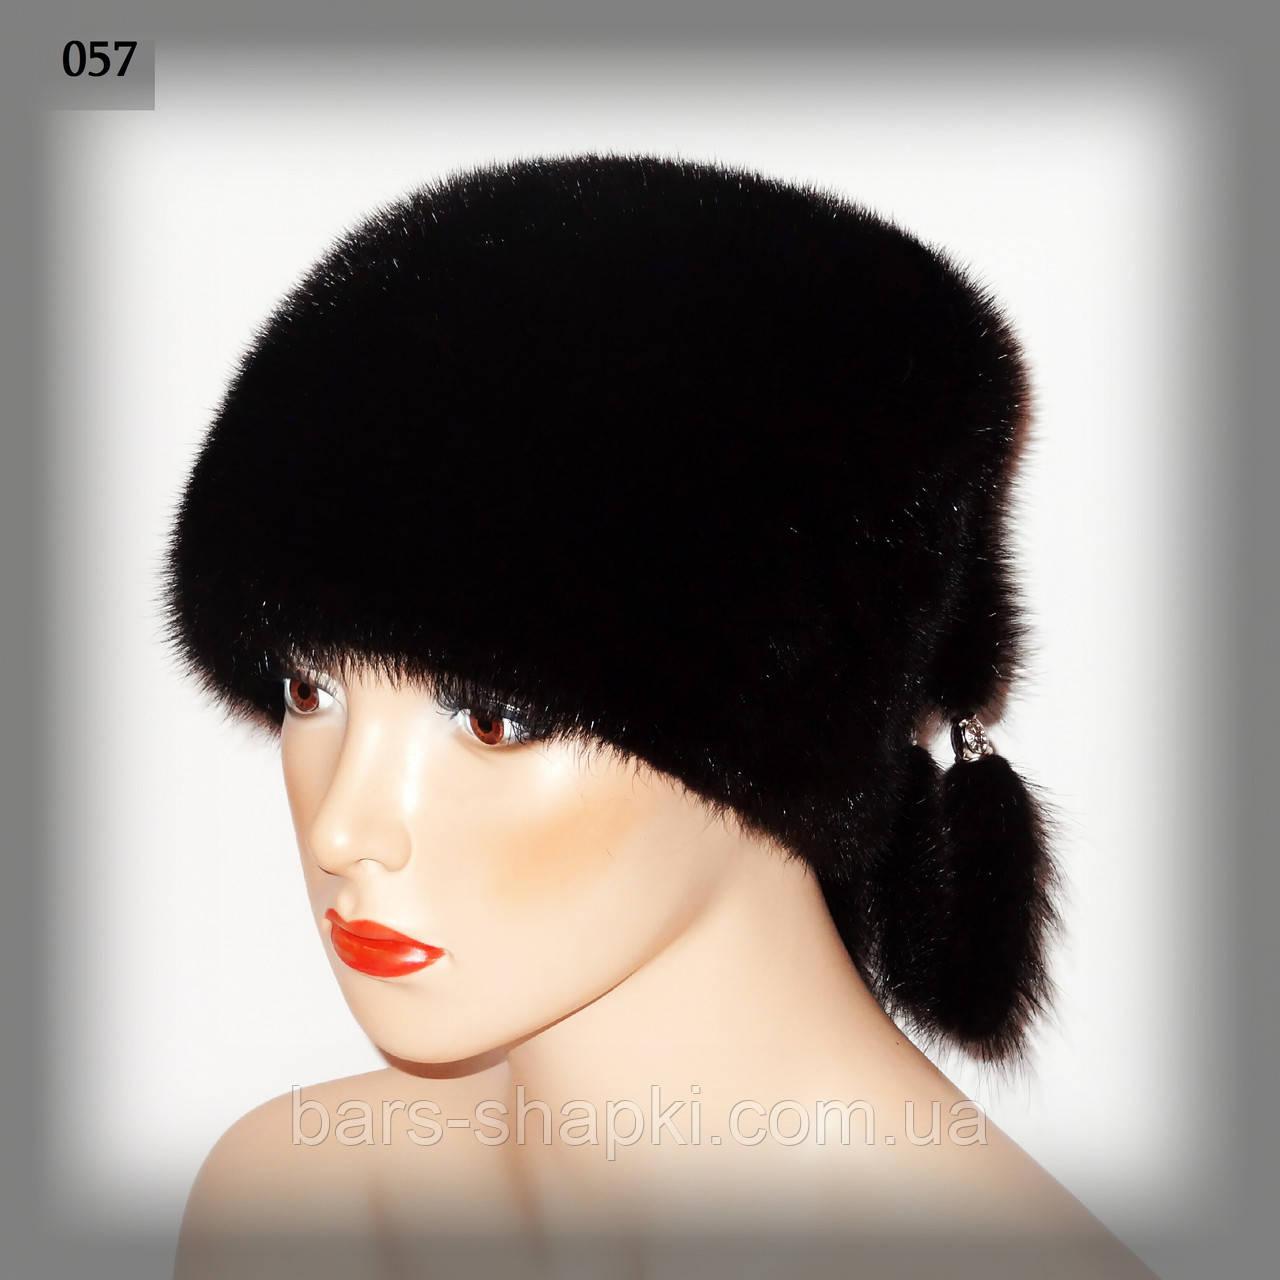 Большой выбор меховых шапок в Украине